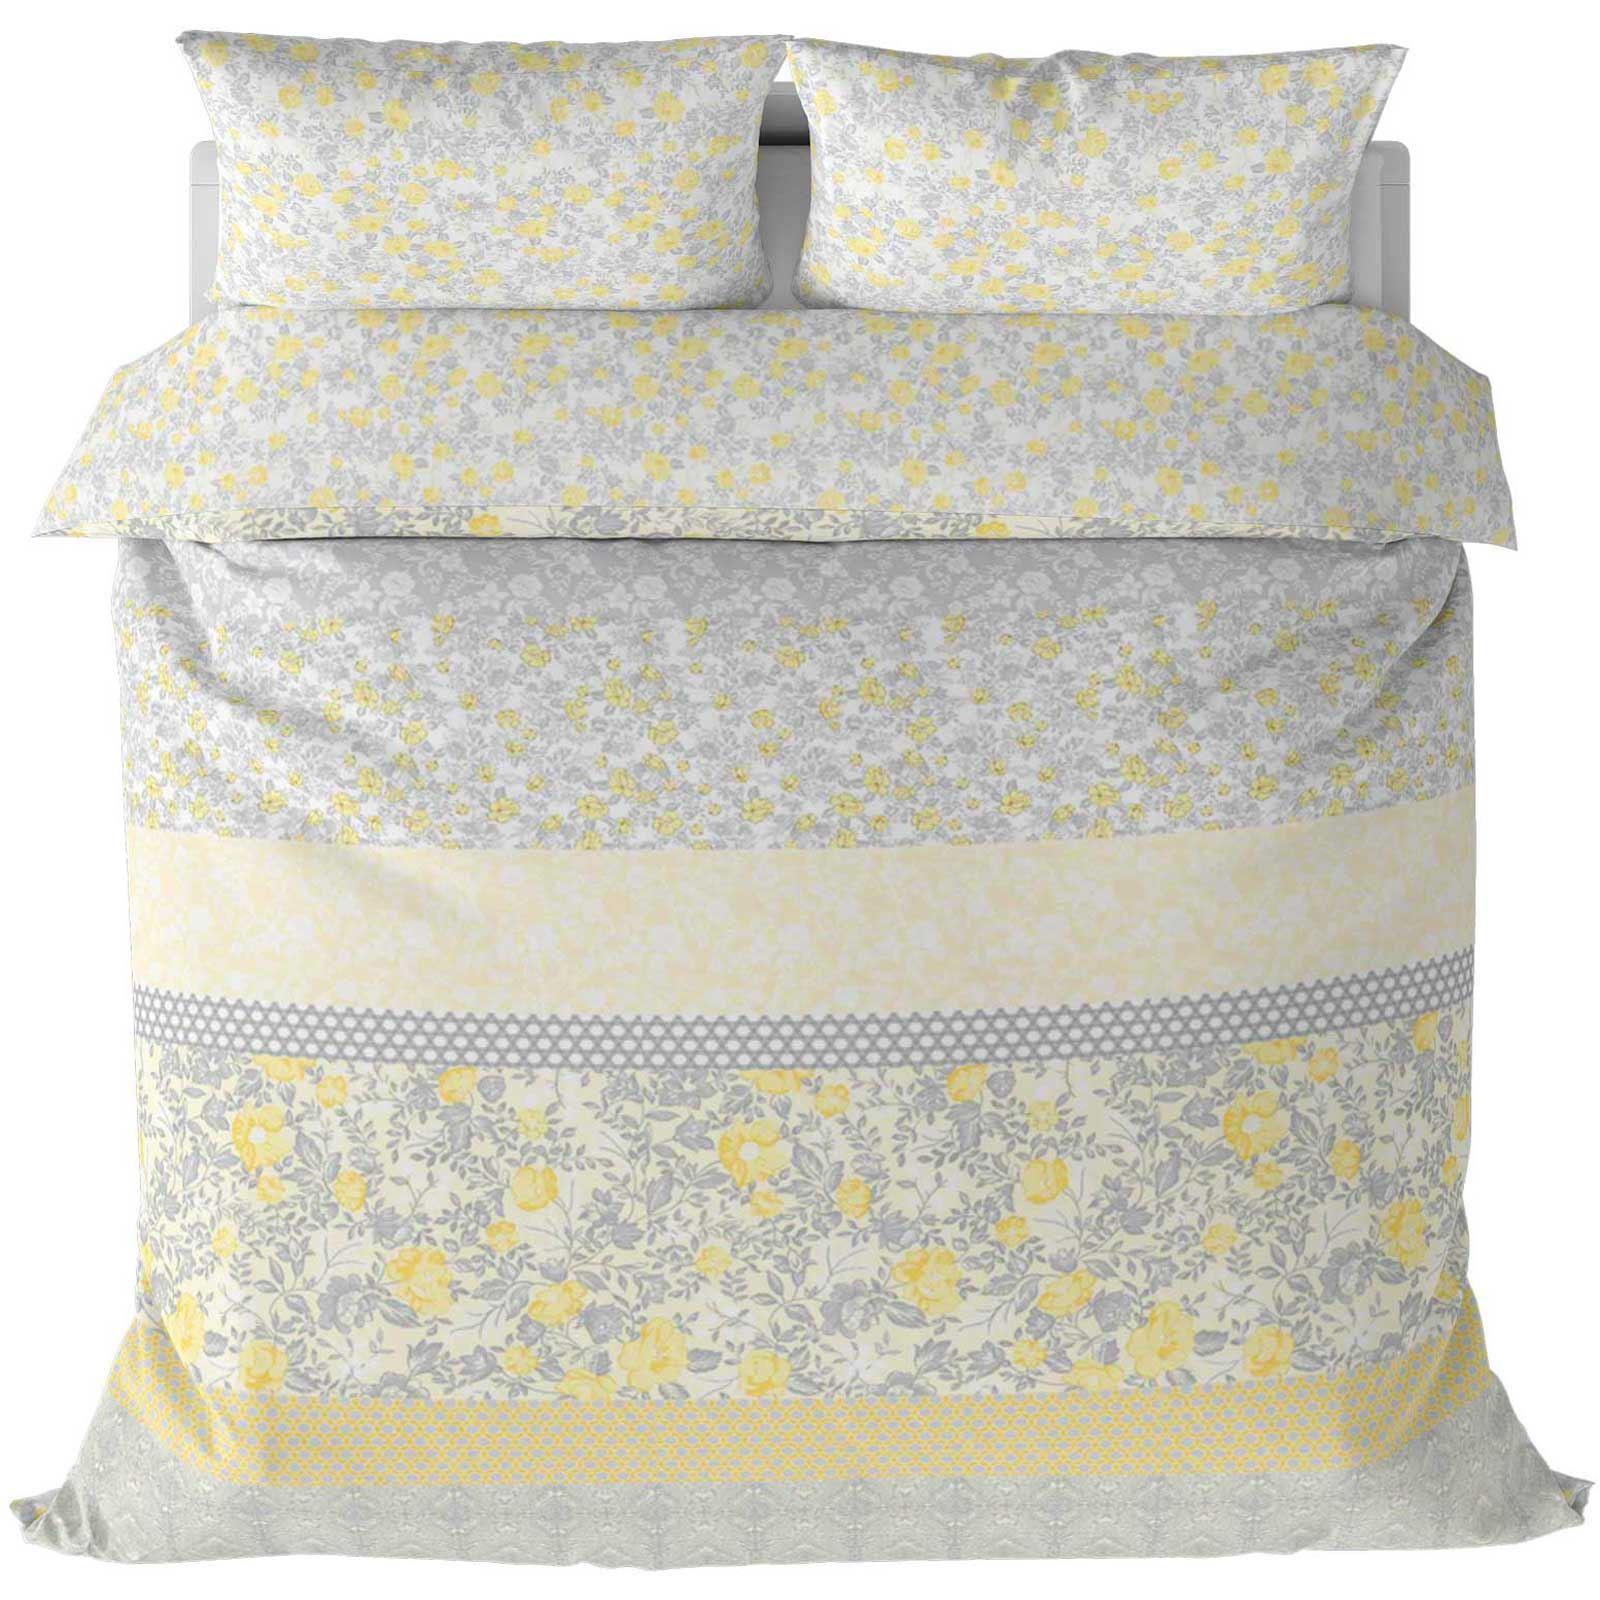 Mostaza-amarillo-ocre-Funda-de-edredon-impreso-Edredon-juego-ropa-de-cama-cubre-conjuntos miniatura 22